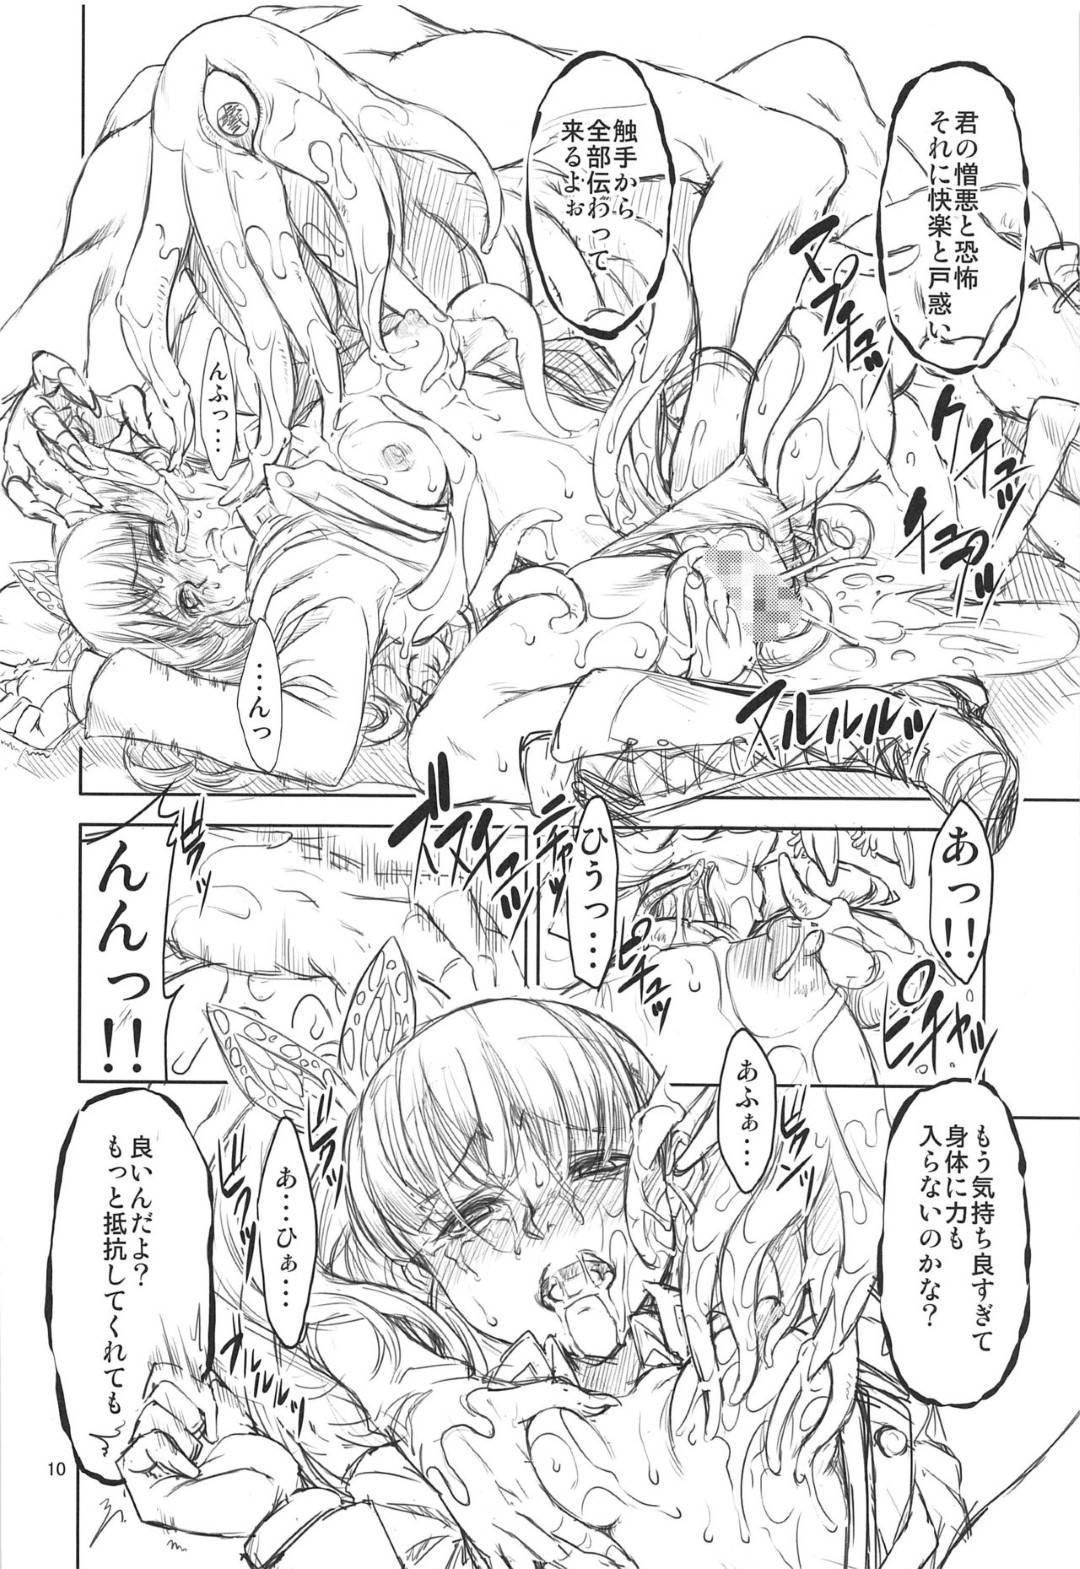 【エロ漫画】触手の化け物に敗北してしまったカナヲ。触手で腕を拘束されて為す術のない彼女は異形の触手で全身を舐め回すように這わされ、口や膣、アナルなど穴という穴を犯されてしまう!そして抵抗虚しくチンポを生挿入されて種付けされてしまう!